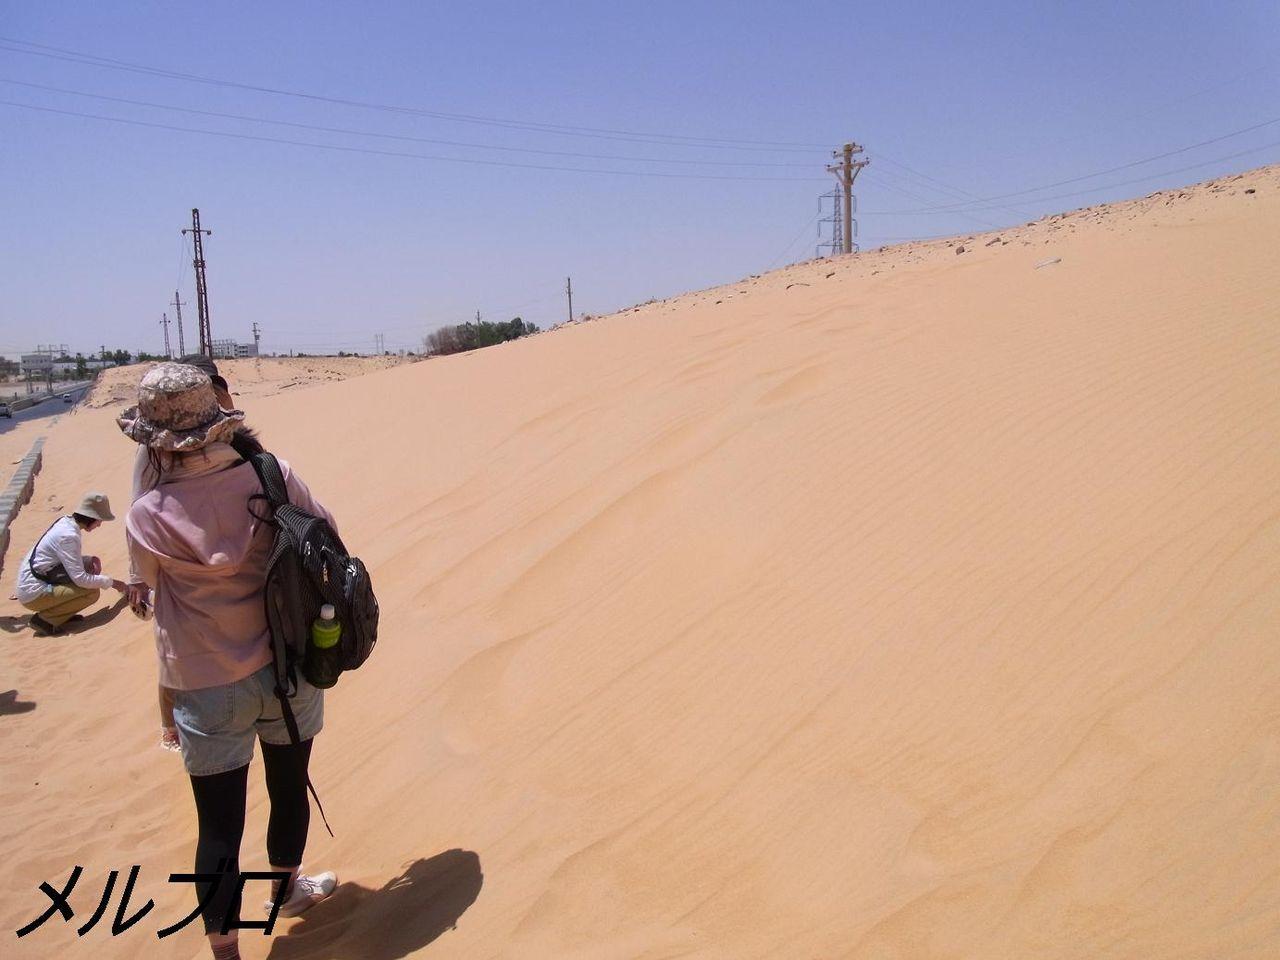 ヌビア砂漠